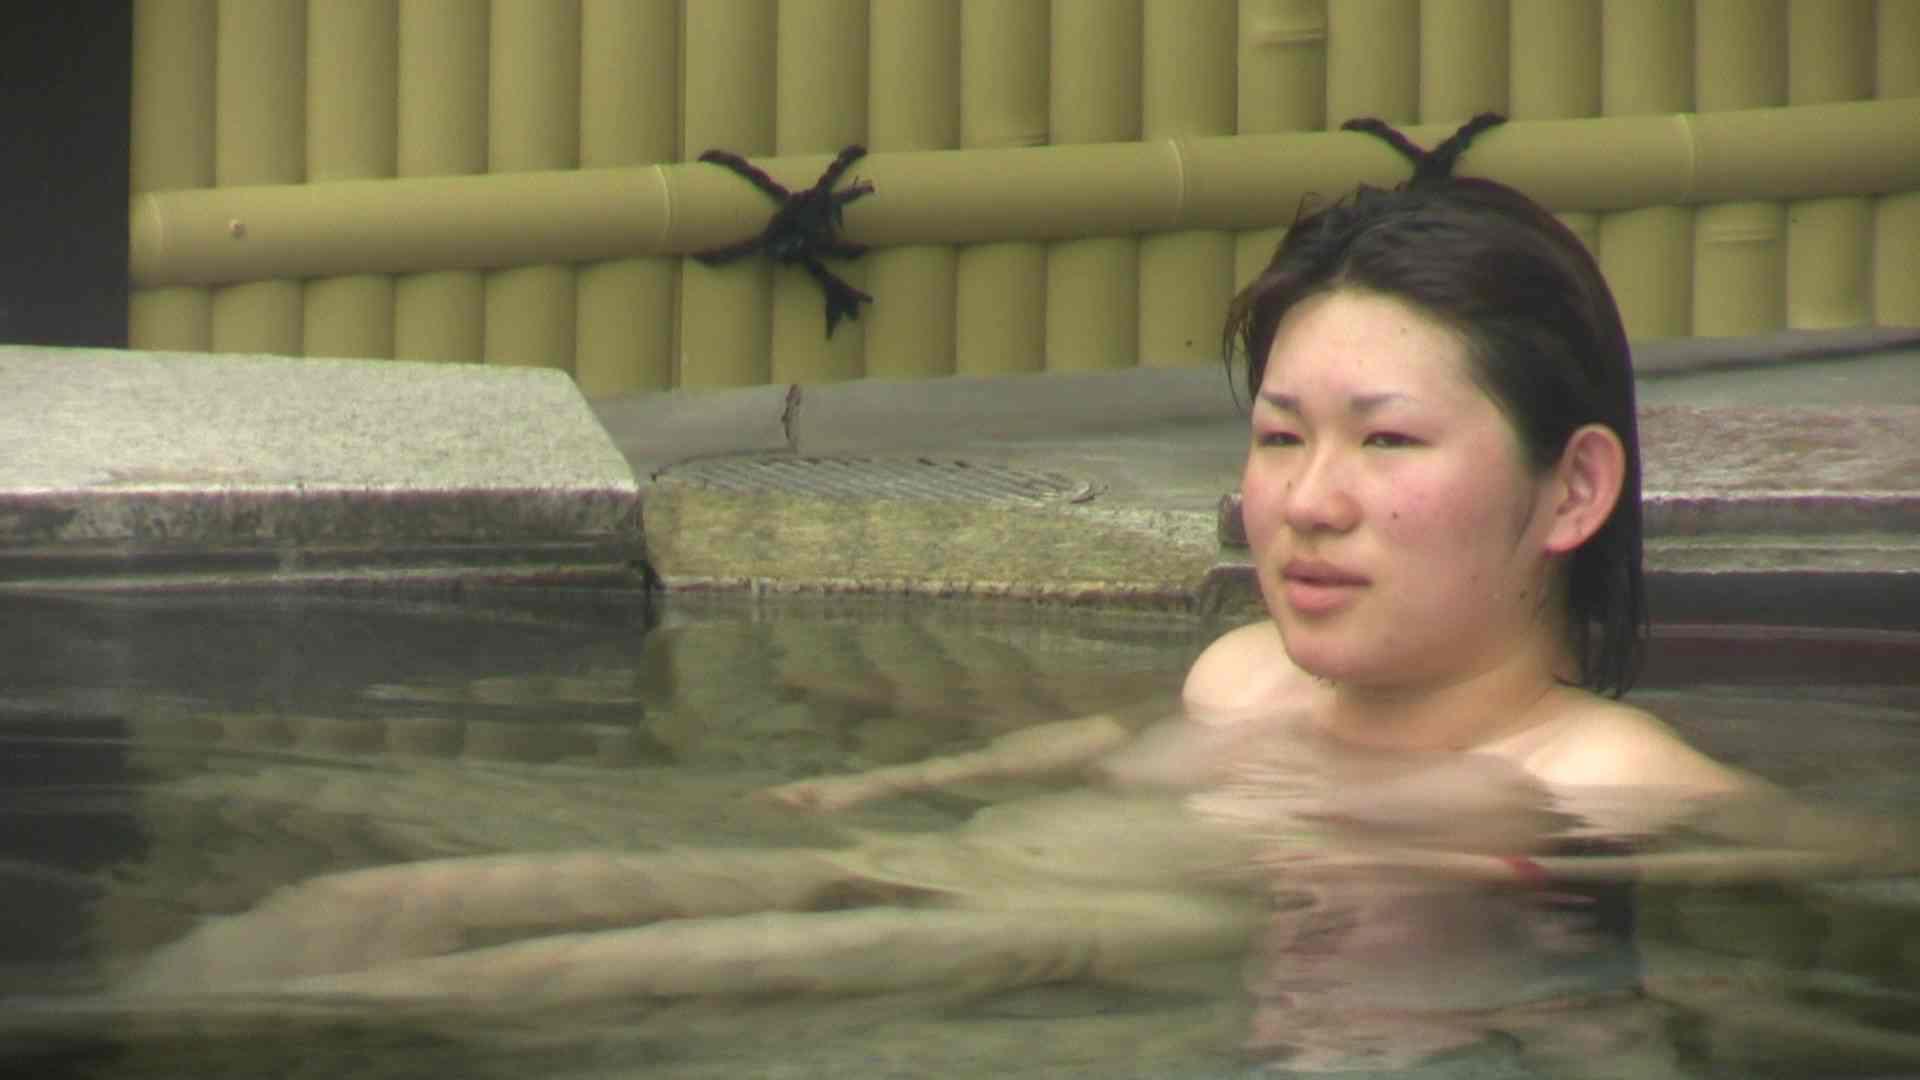 Aquaな露天風呂Vol.673 OLエロ画像 | 盗撮  104PICs 76